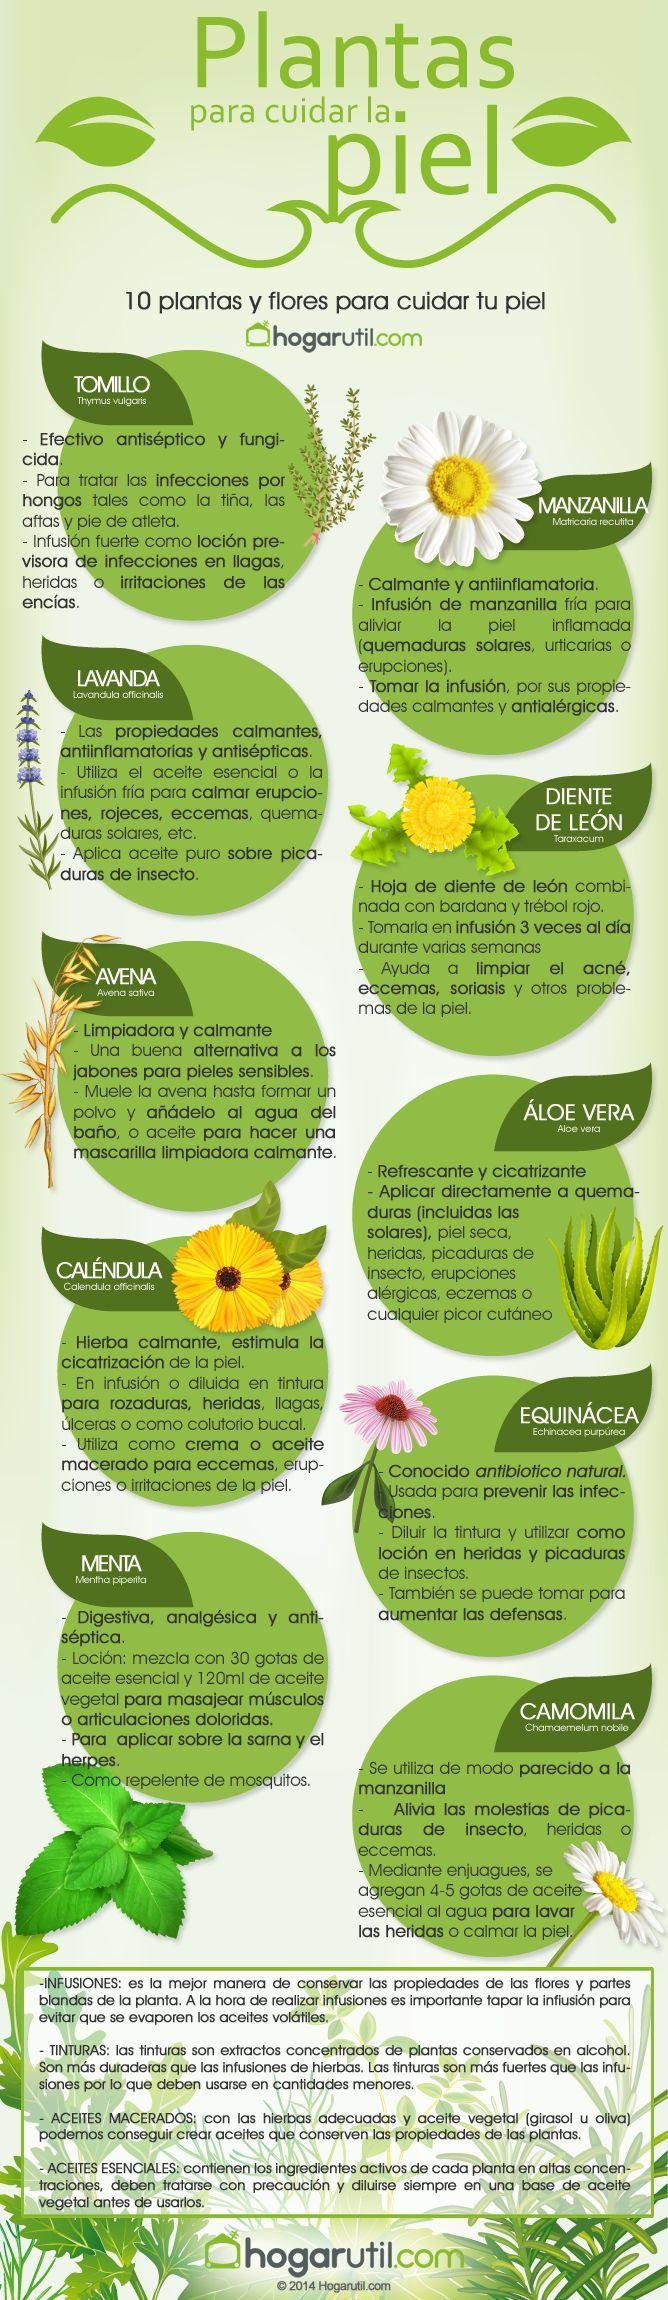 Infografía: plantas para cuidar la piel de hogarutil.com: